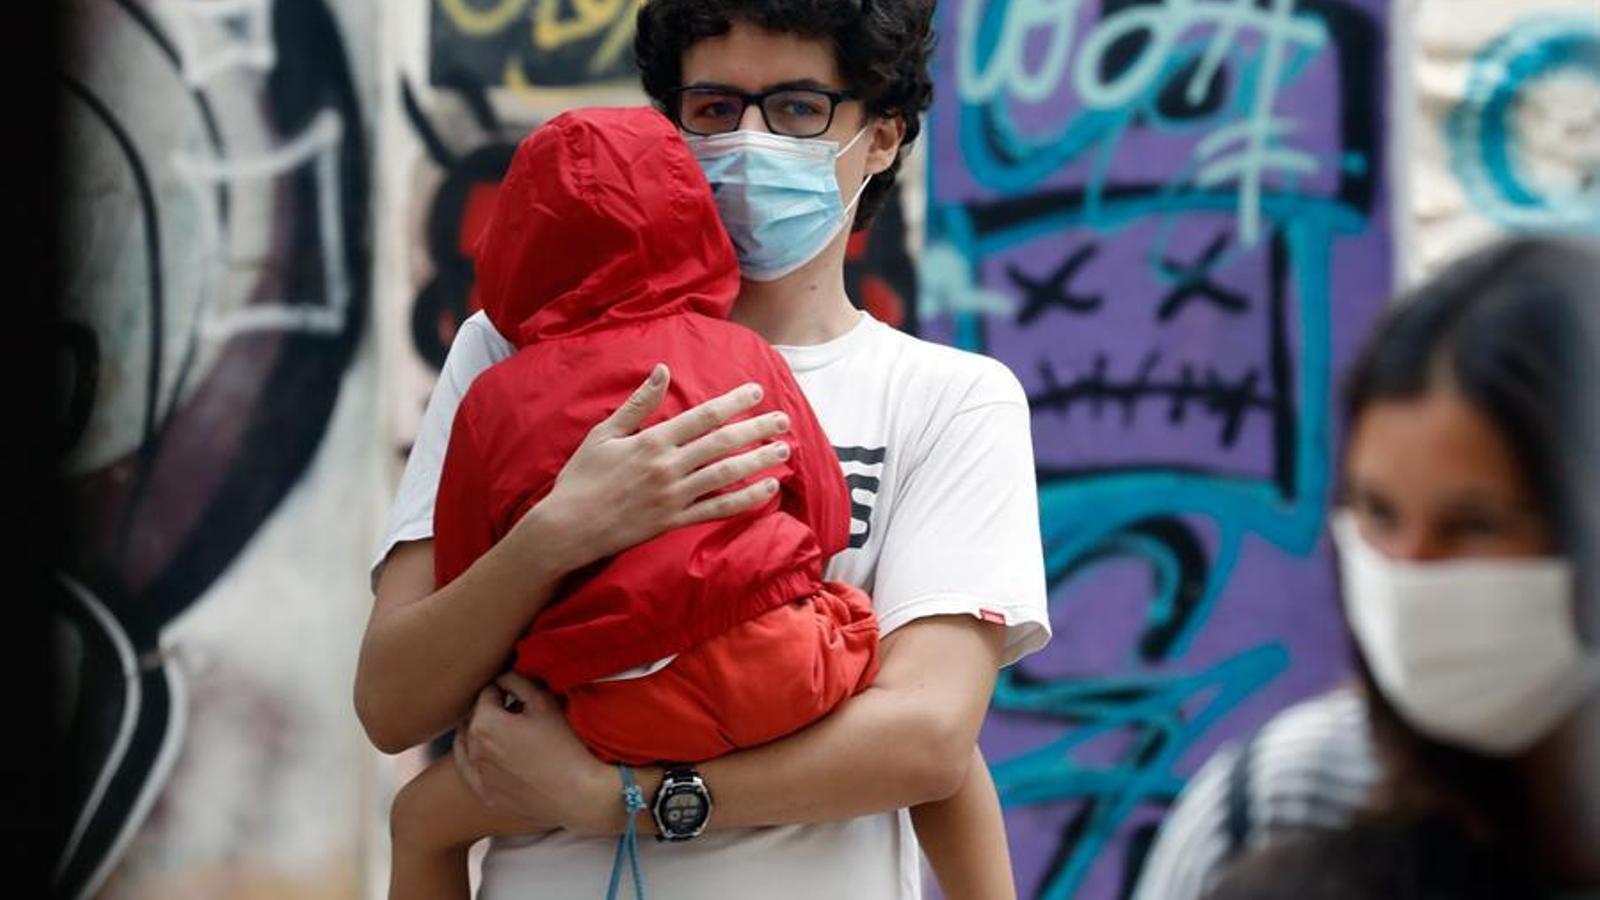 """Primer dia de classe per a 794.243 alumnes i 4.374 professors de 1.425 centres públics i 420 concertats de la Comunitat Valenciana en un """"excepcional"""" inici de curs, marcat per les mesures sanitàries que imposa la pandèmia de coronavirus i la incertesa del seu impacte i evolució.En la imatge, l'entrada al CEIP Santa Teresa de València.EFE/ Juan Carlos Cárdenas POOL"""